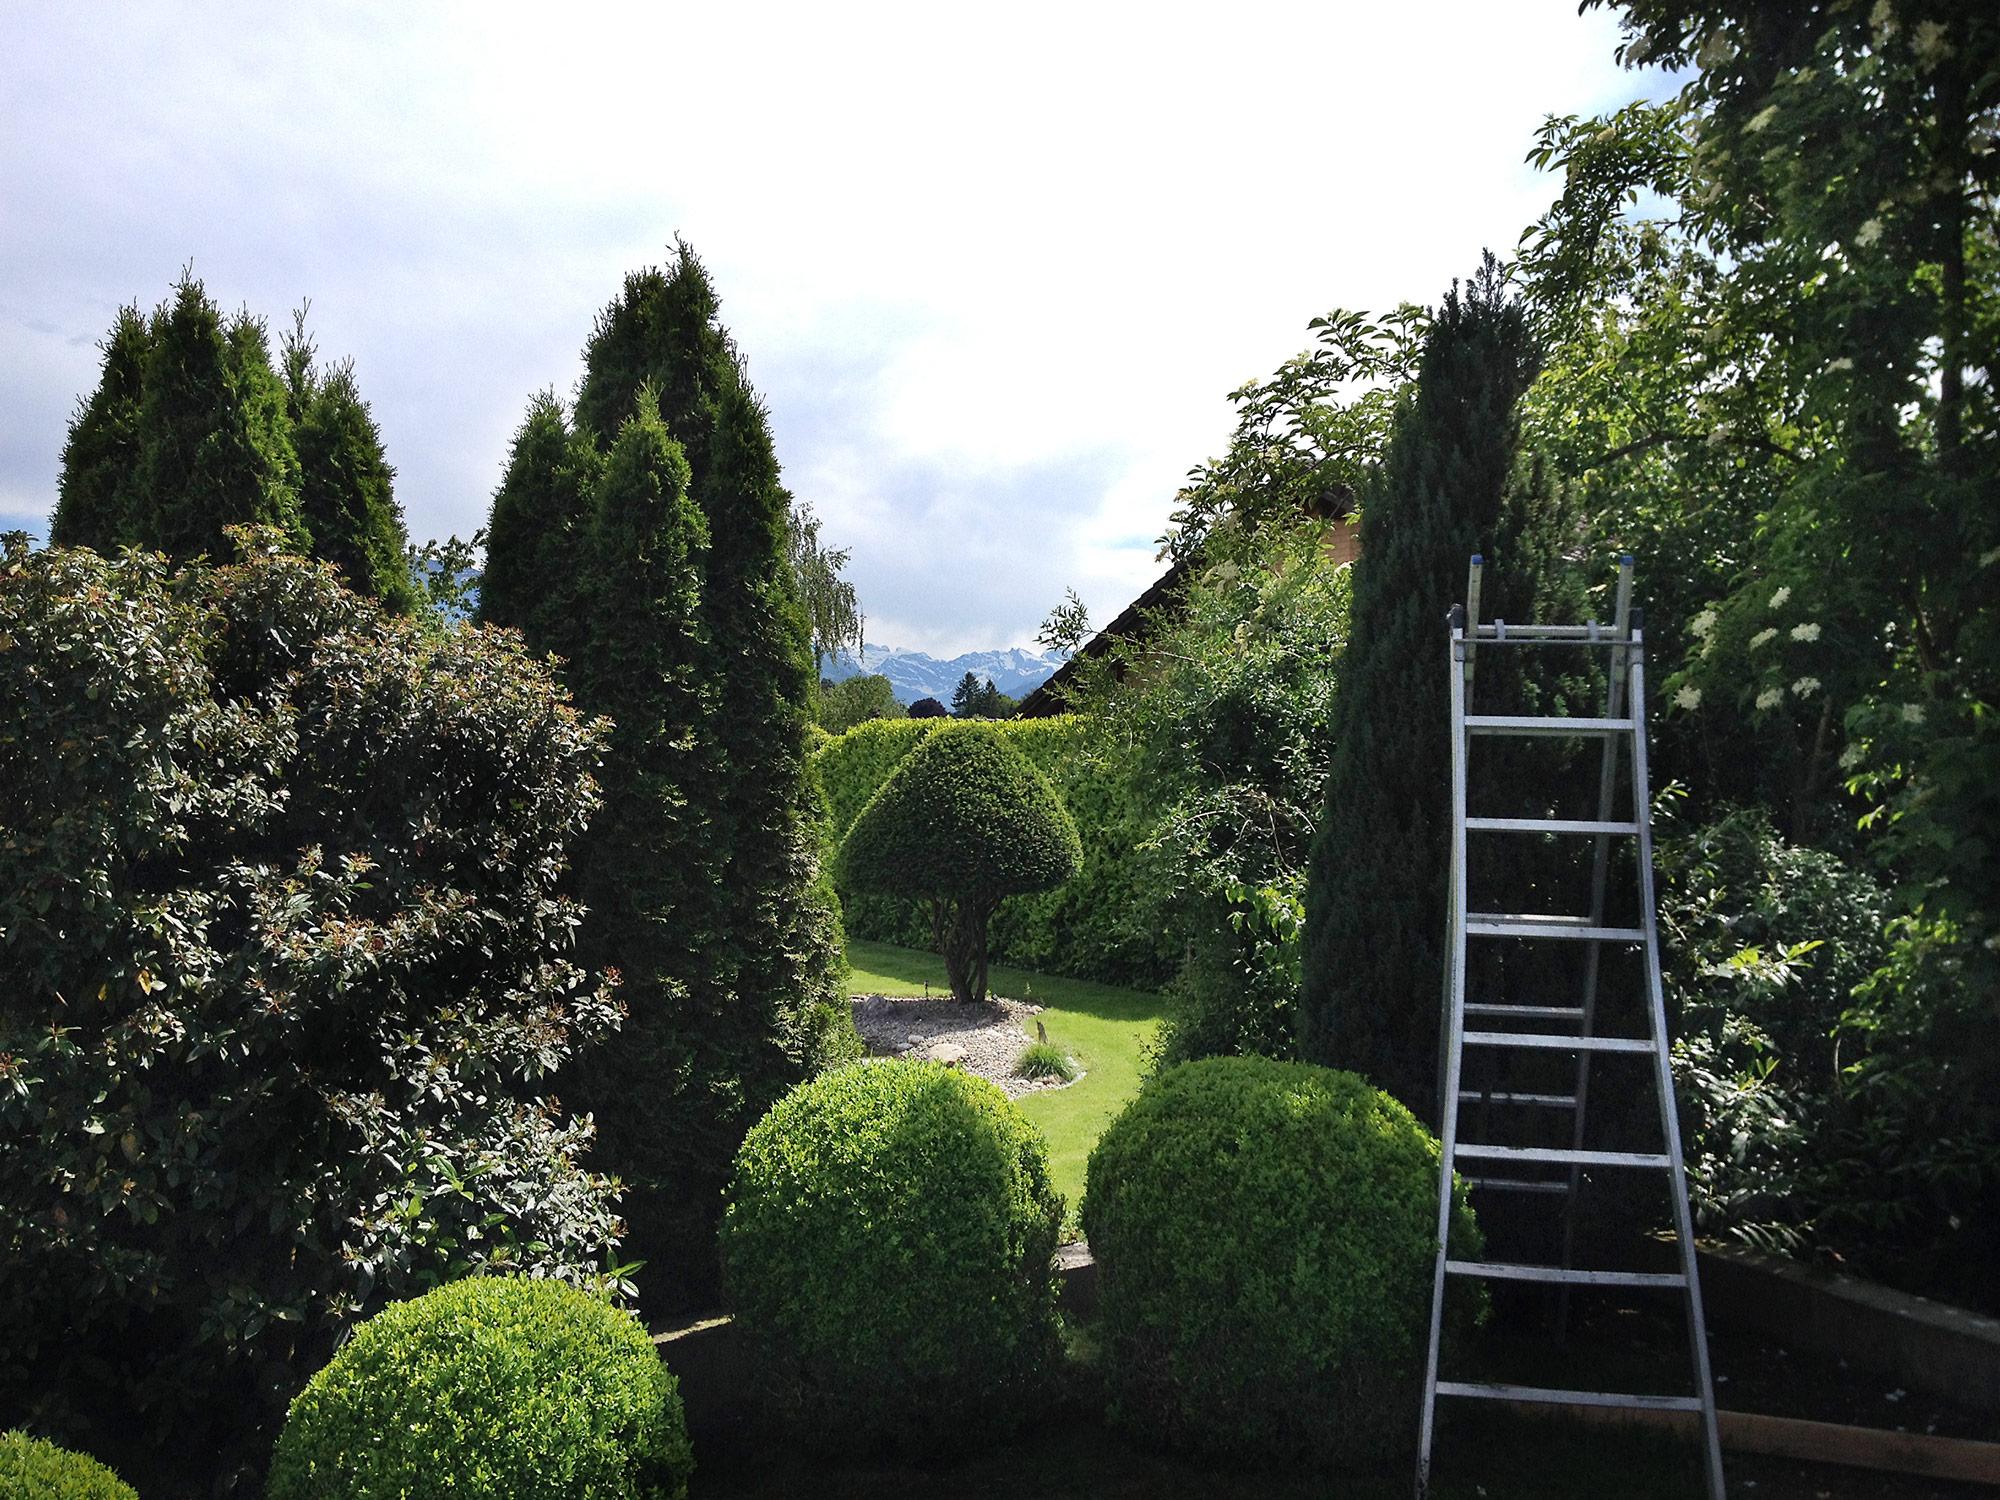 Gartenpflege und Unterhalt